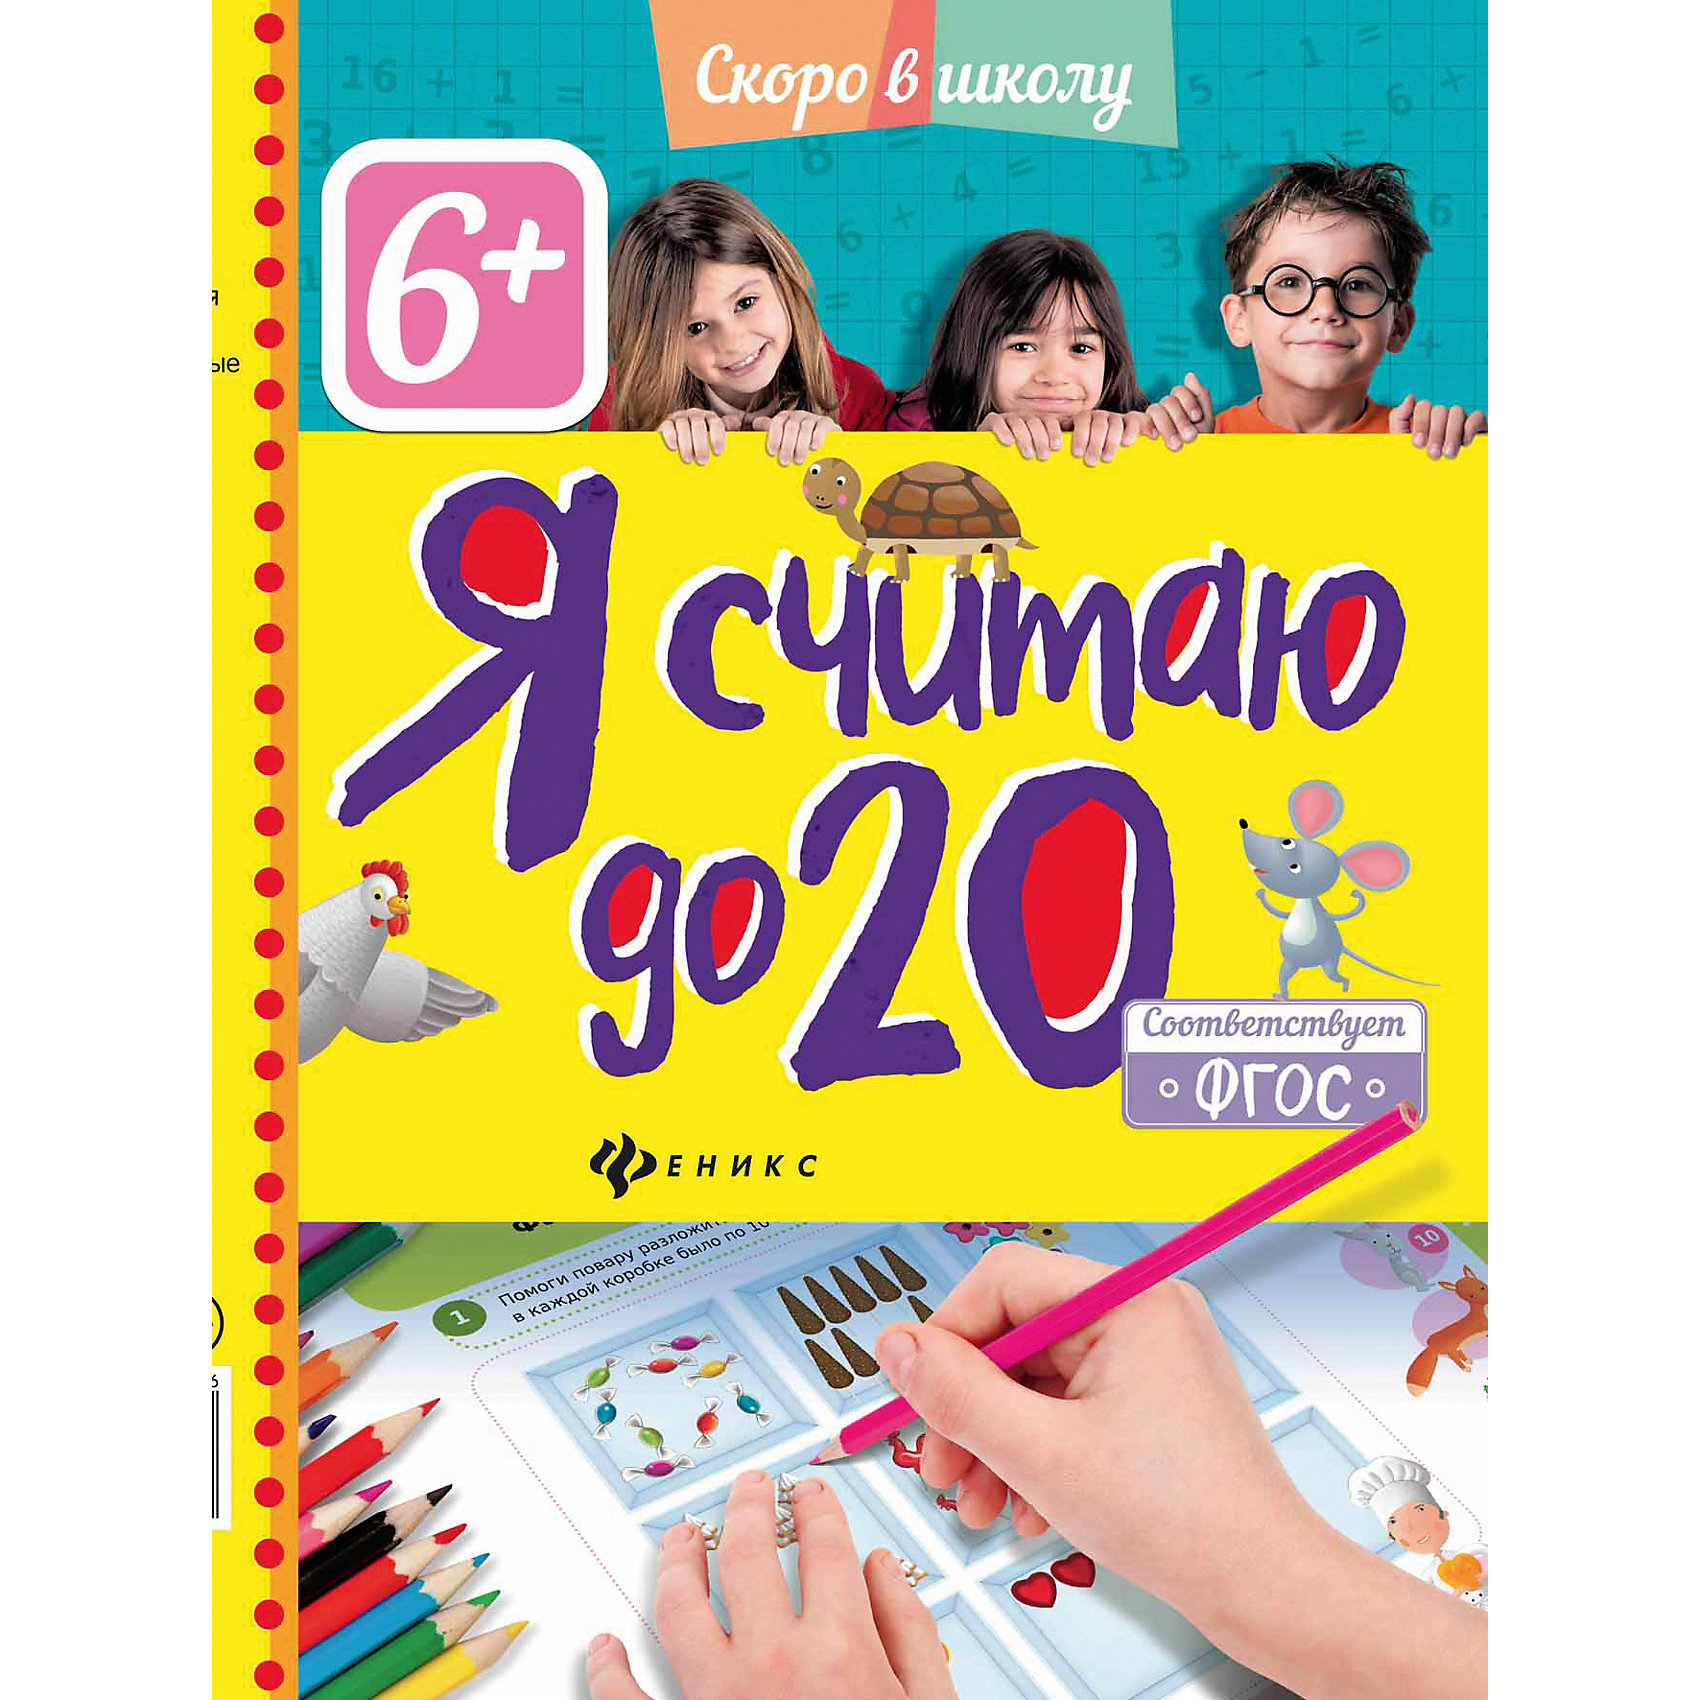 Я считаю до 20Пособия для обучения счёту<br>Ваш ребёнок скоро идёт в школу? Занятия по развивающим книгам этой серии как раз то, что вам нужно. Экспресс-курс по подготовке к школе поможет закрепить уже имеющиеся знания, а также научит новому. Малыши научатся считать до 20, соединять буквы в слоги<br><br>Ширина мм: 288<br>Глубина мм: 204<br>Высота мм: 2<br>Вес г: 58<br>Возраст от месяцев: 12<br>Возраст до месяцев: 72<br>Пол: Унисекс<br>Возраст: Детский<br>SKU: 5120127